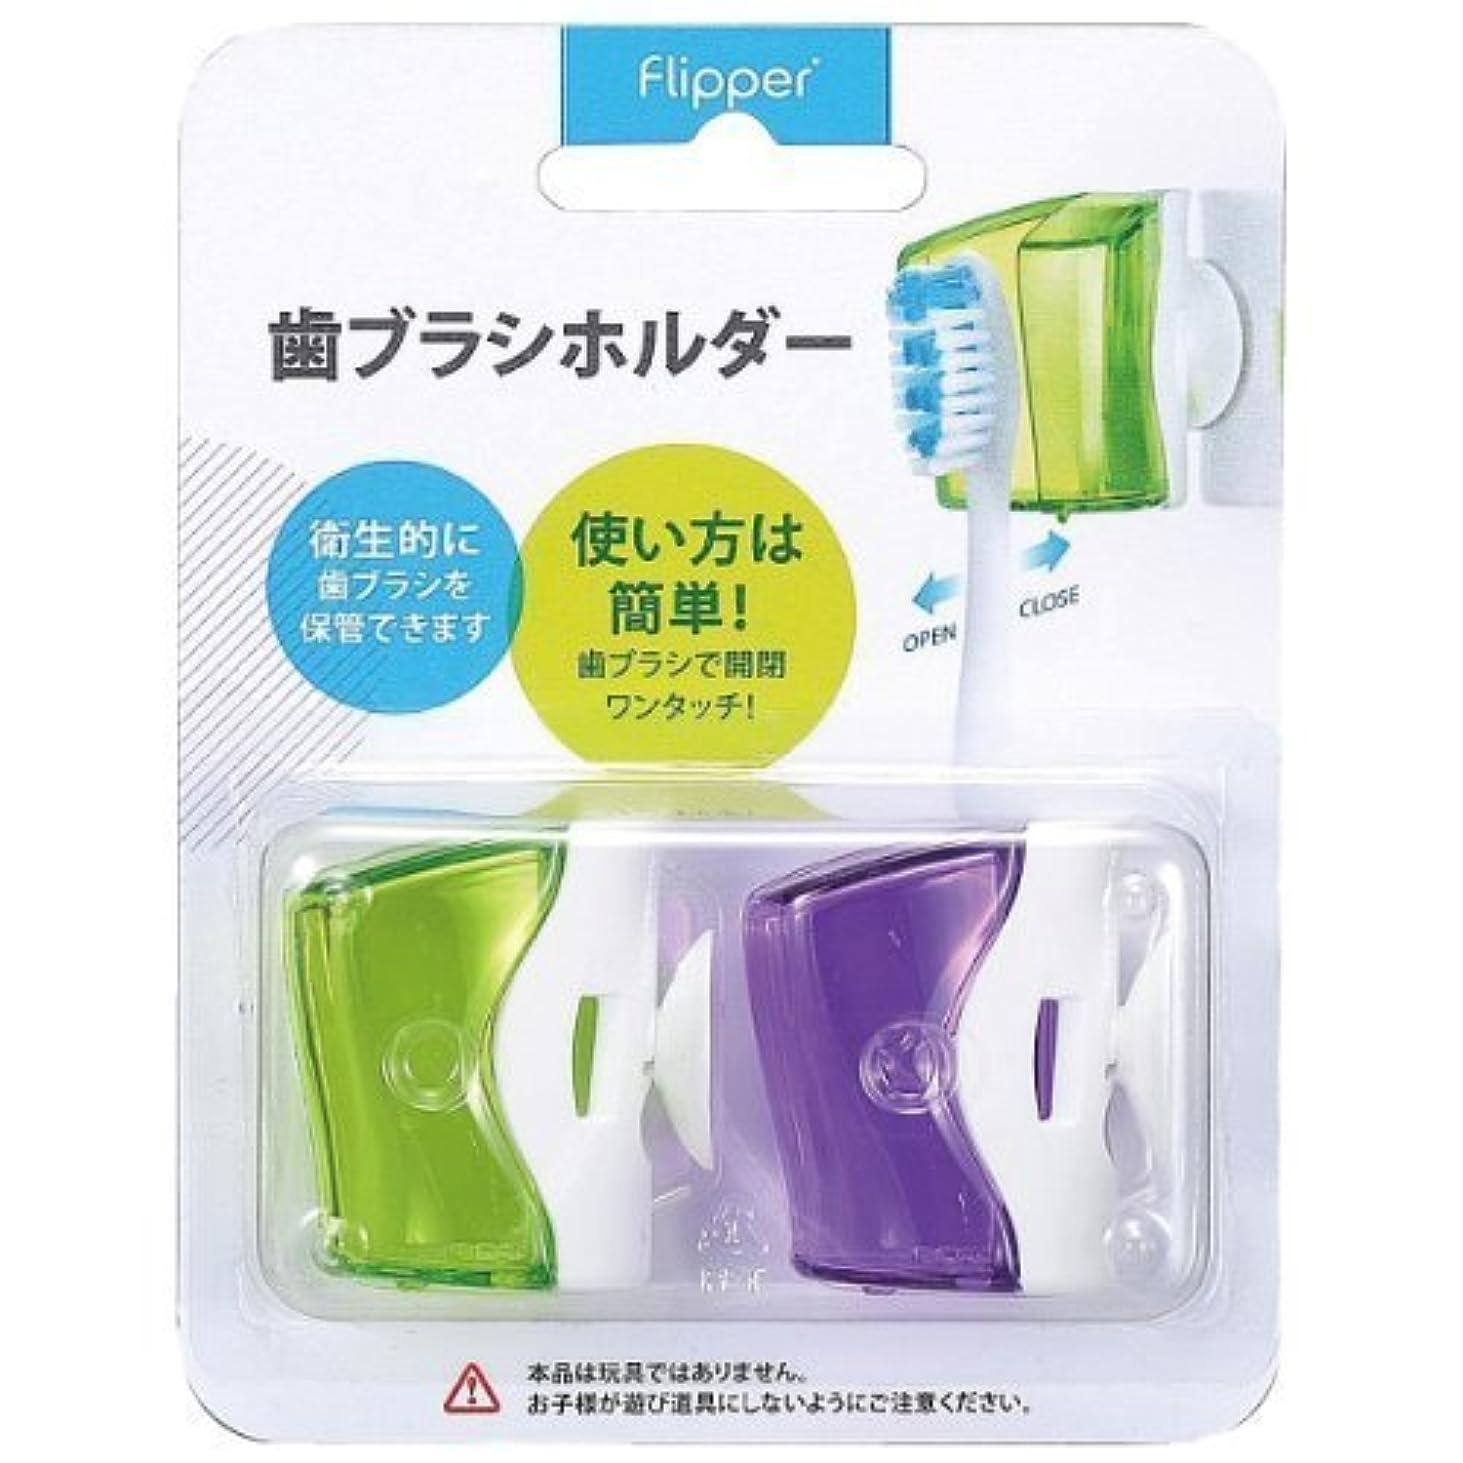 トロピカルショート植物学【歯ブラシホルダー】フリッパー ベーシック 2個セット / グリーン×パープル